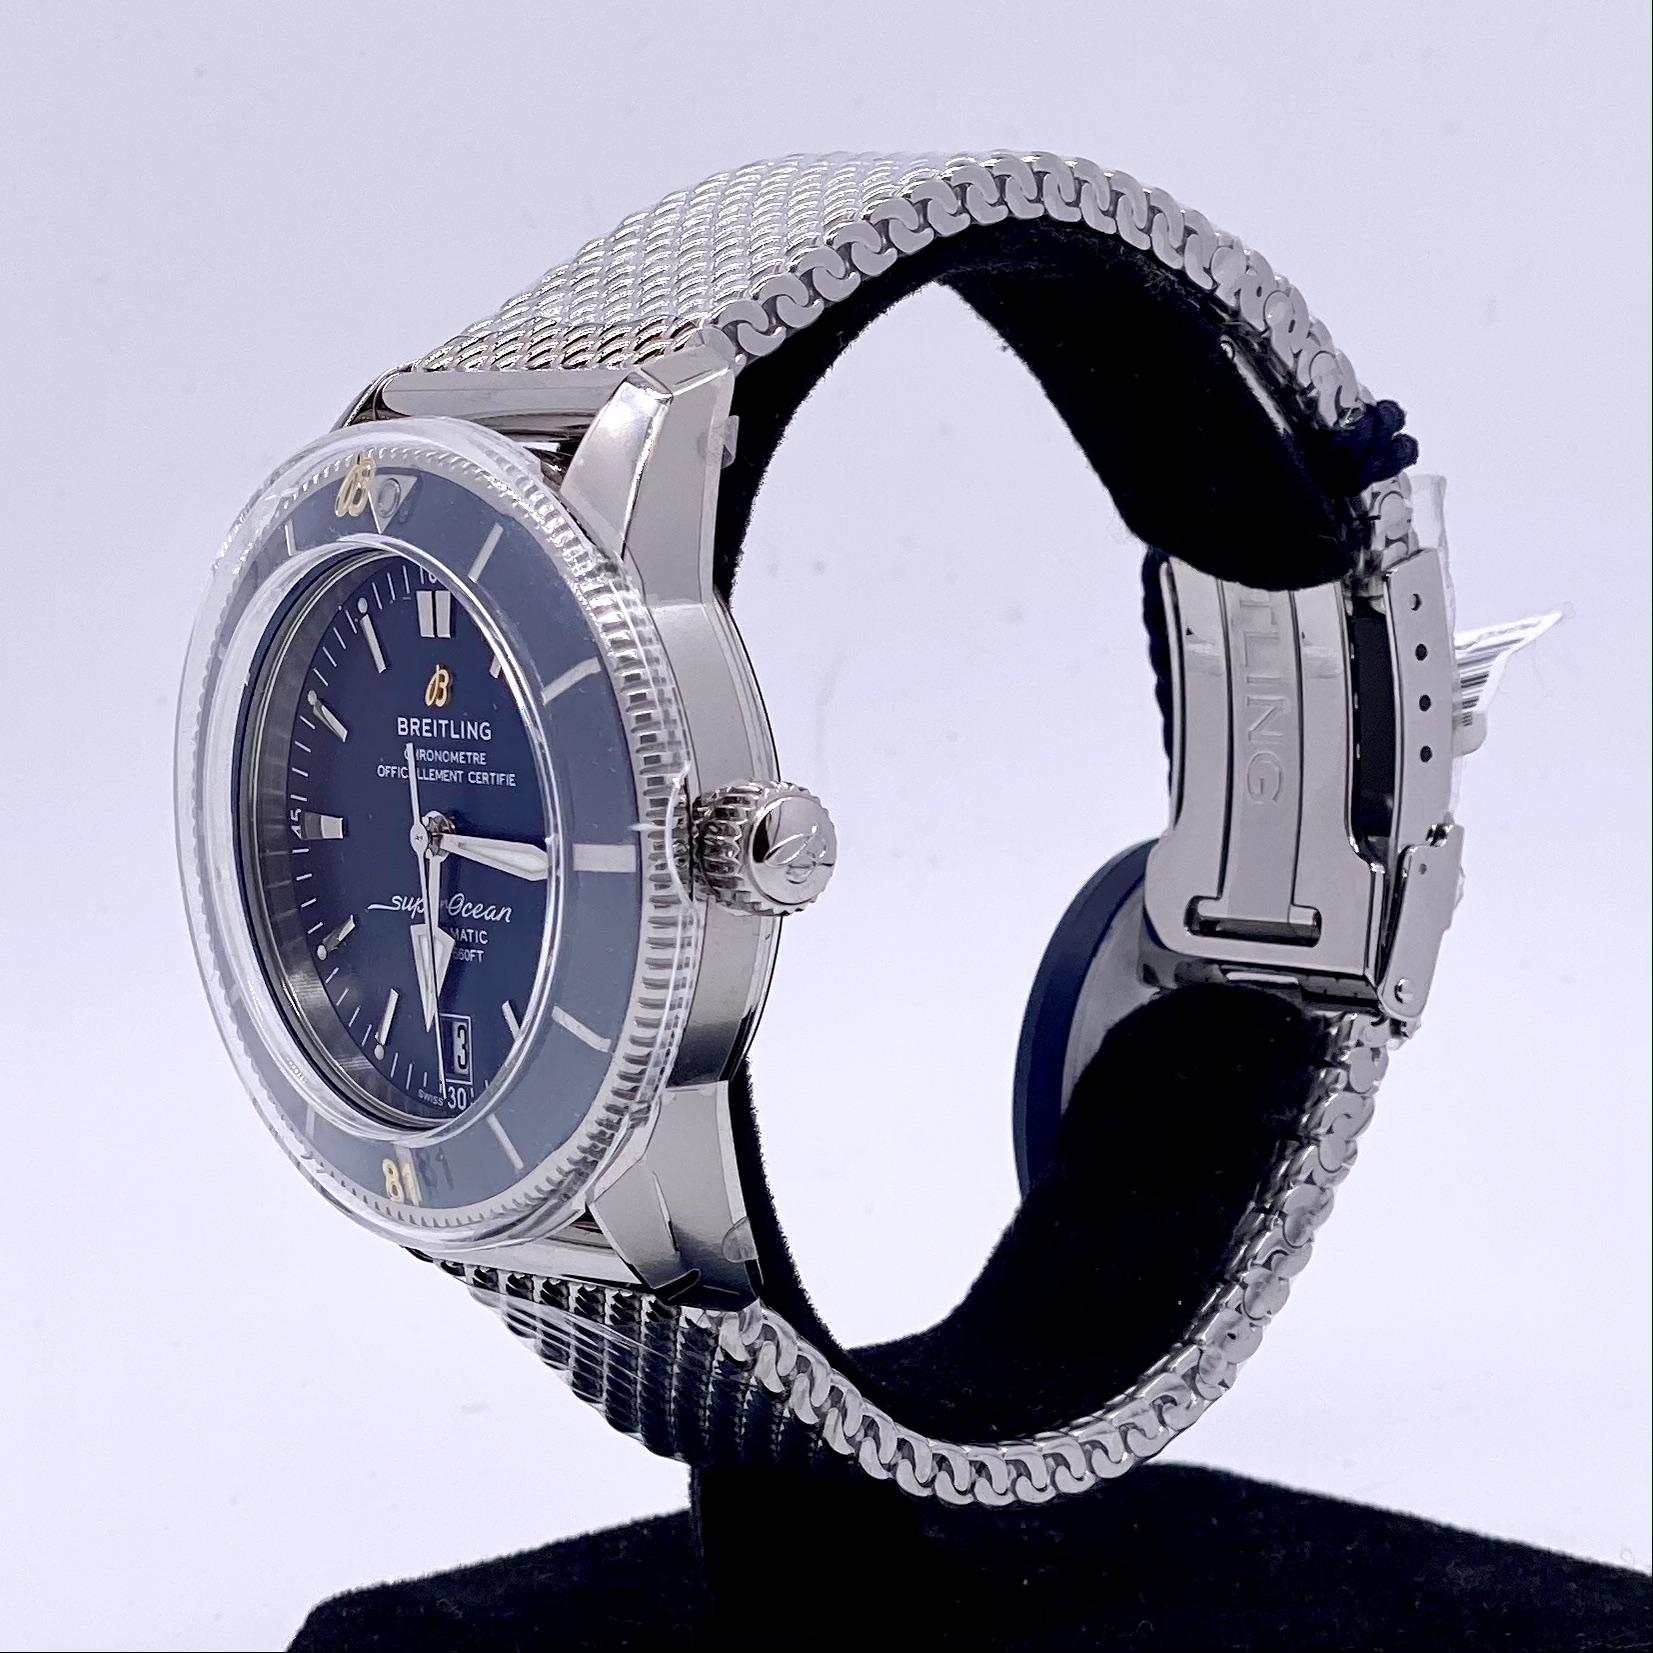 Breitling Super Ocean AB2011 - Image 2 of 3